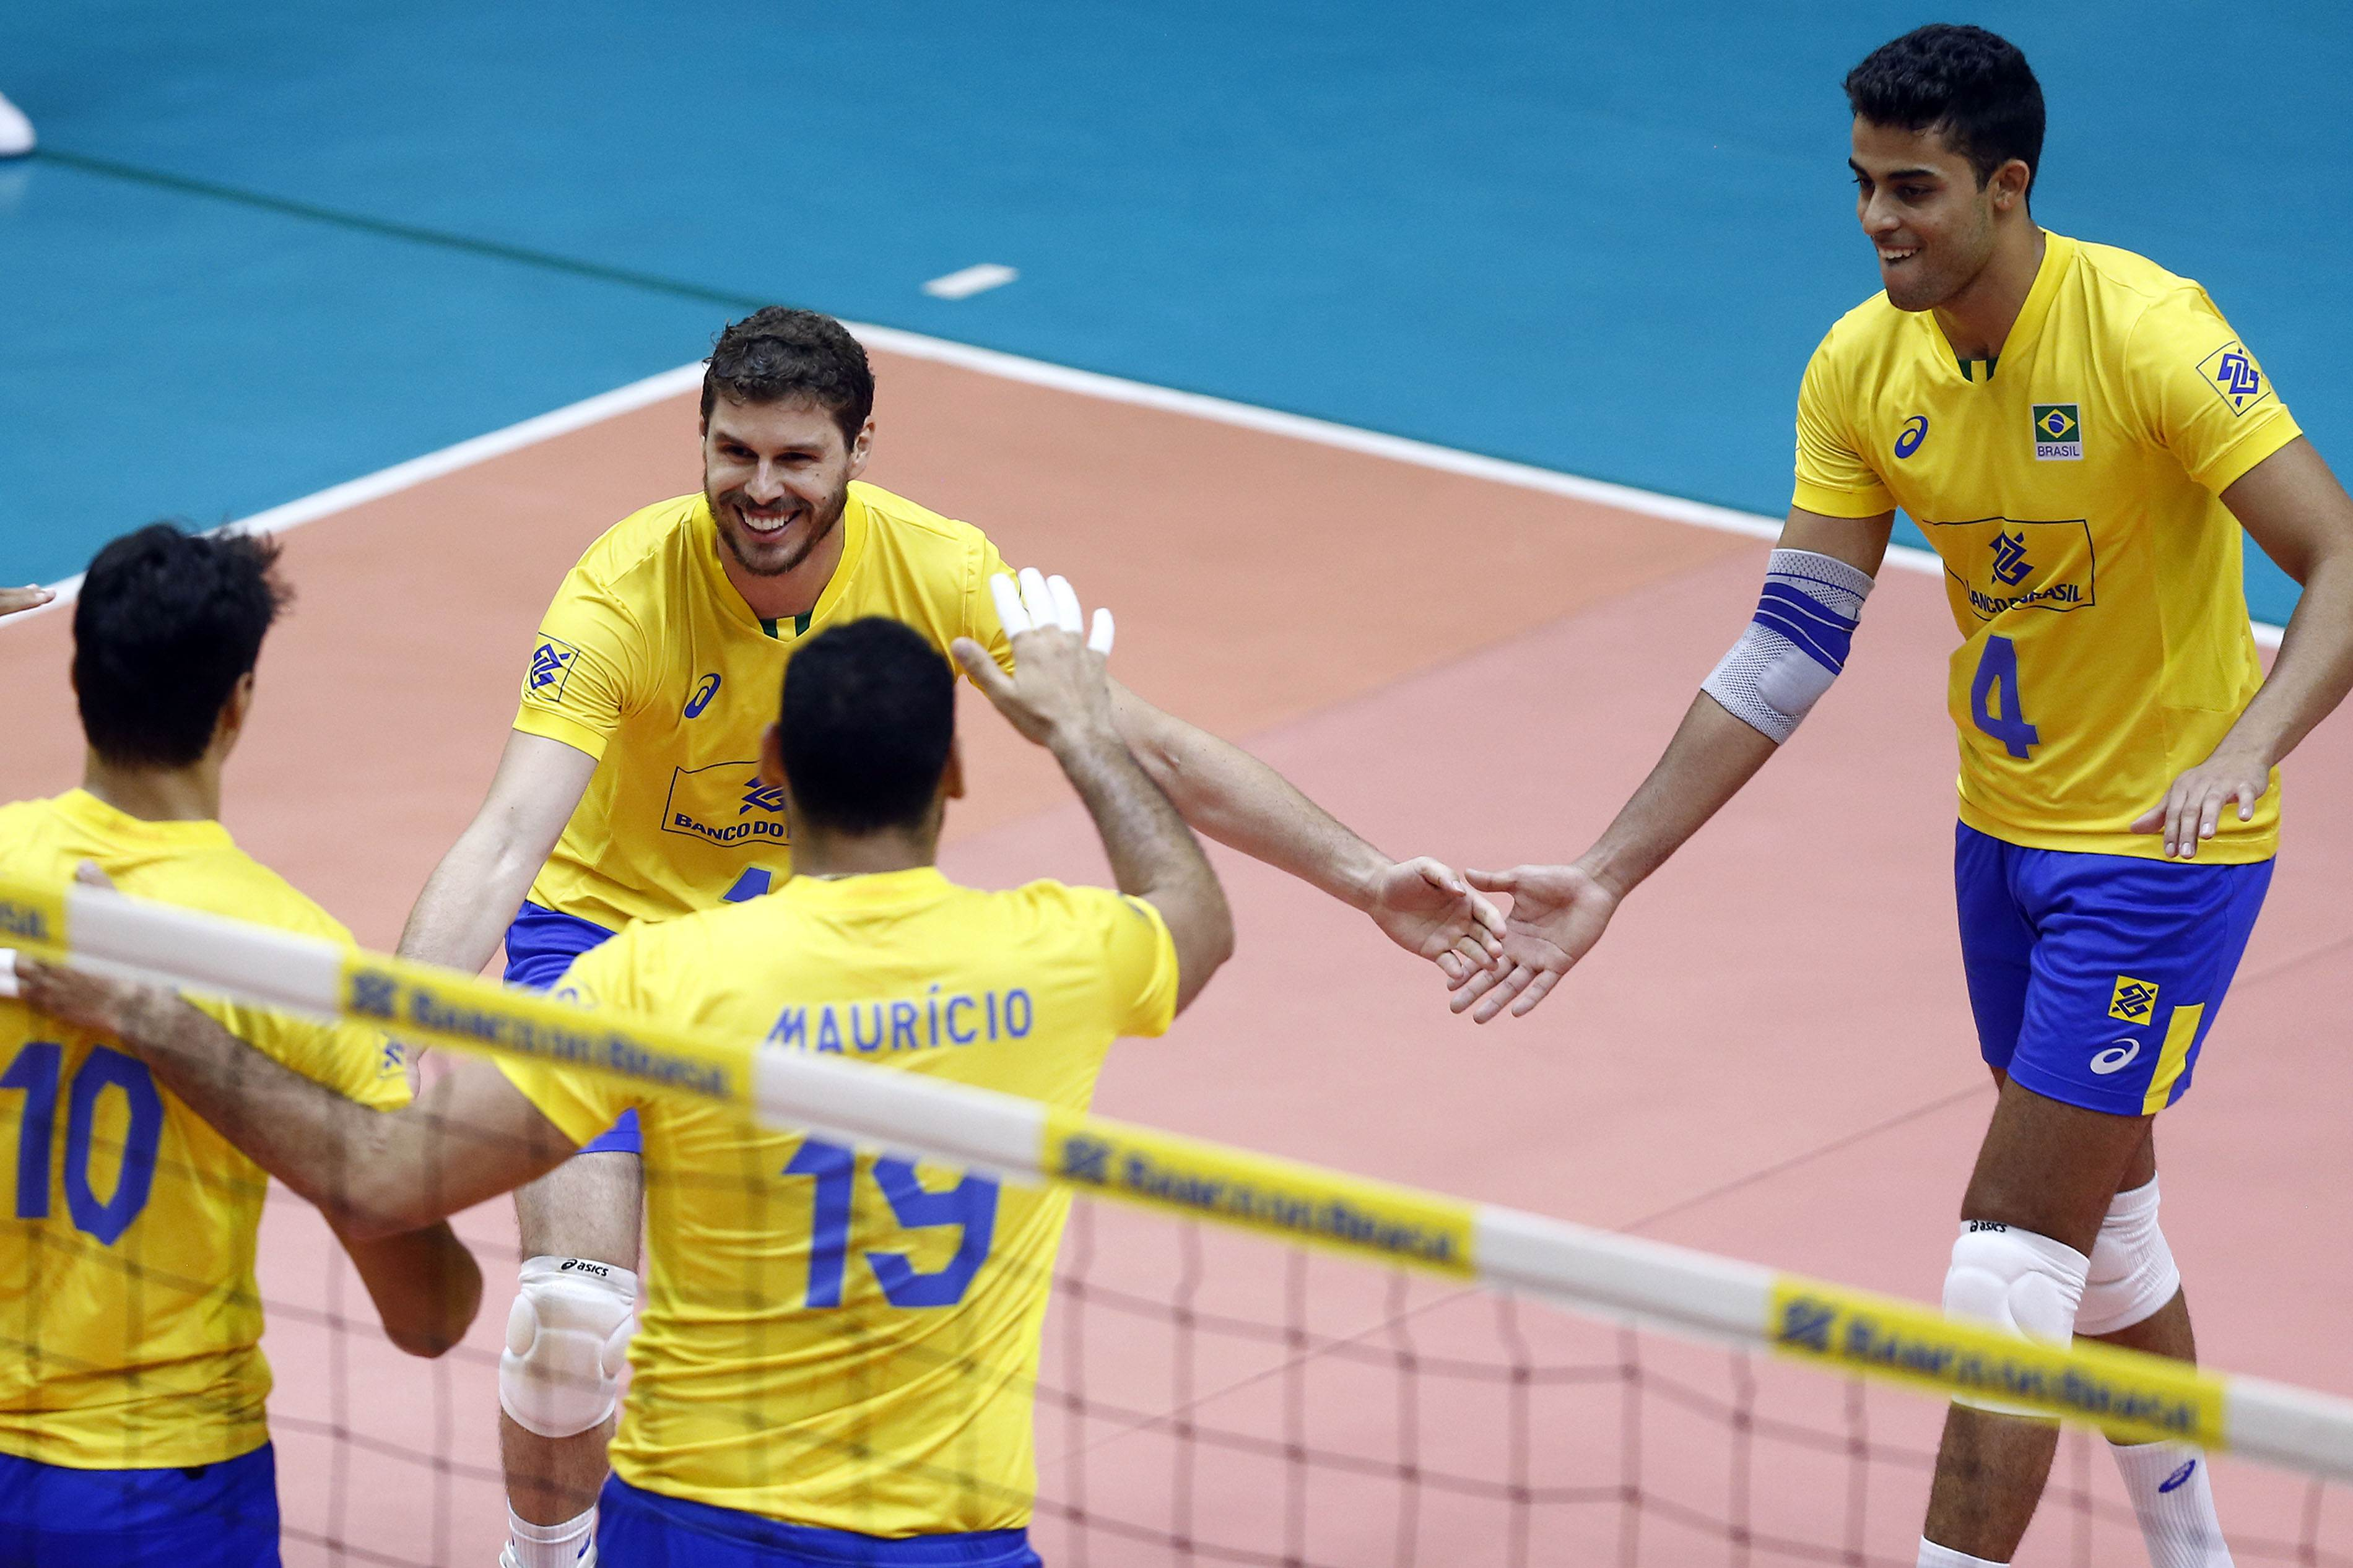 Jogos da Seleção Brasileira de vôlei em Goiânia são no próximo fim de semana | Foto: Gaspar Nobrega/Inovafoto/CBV